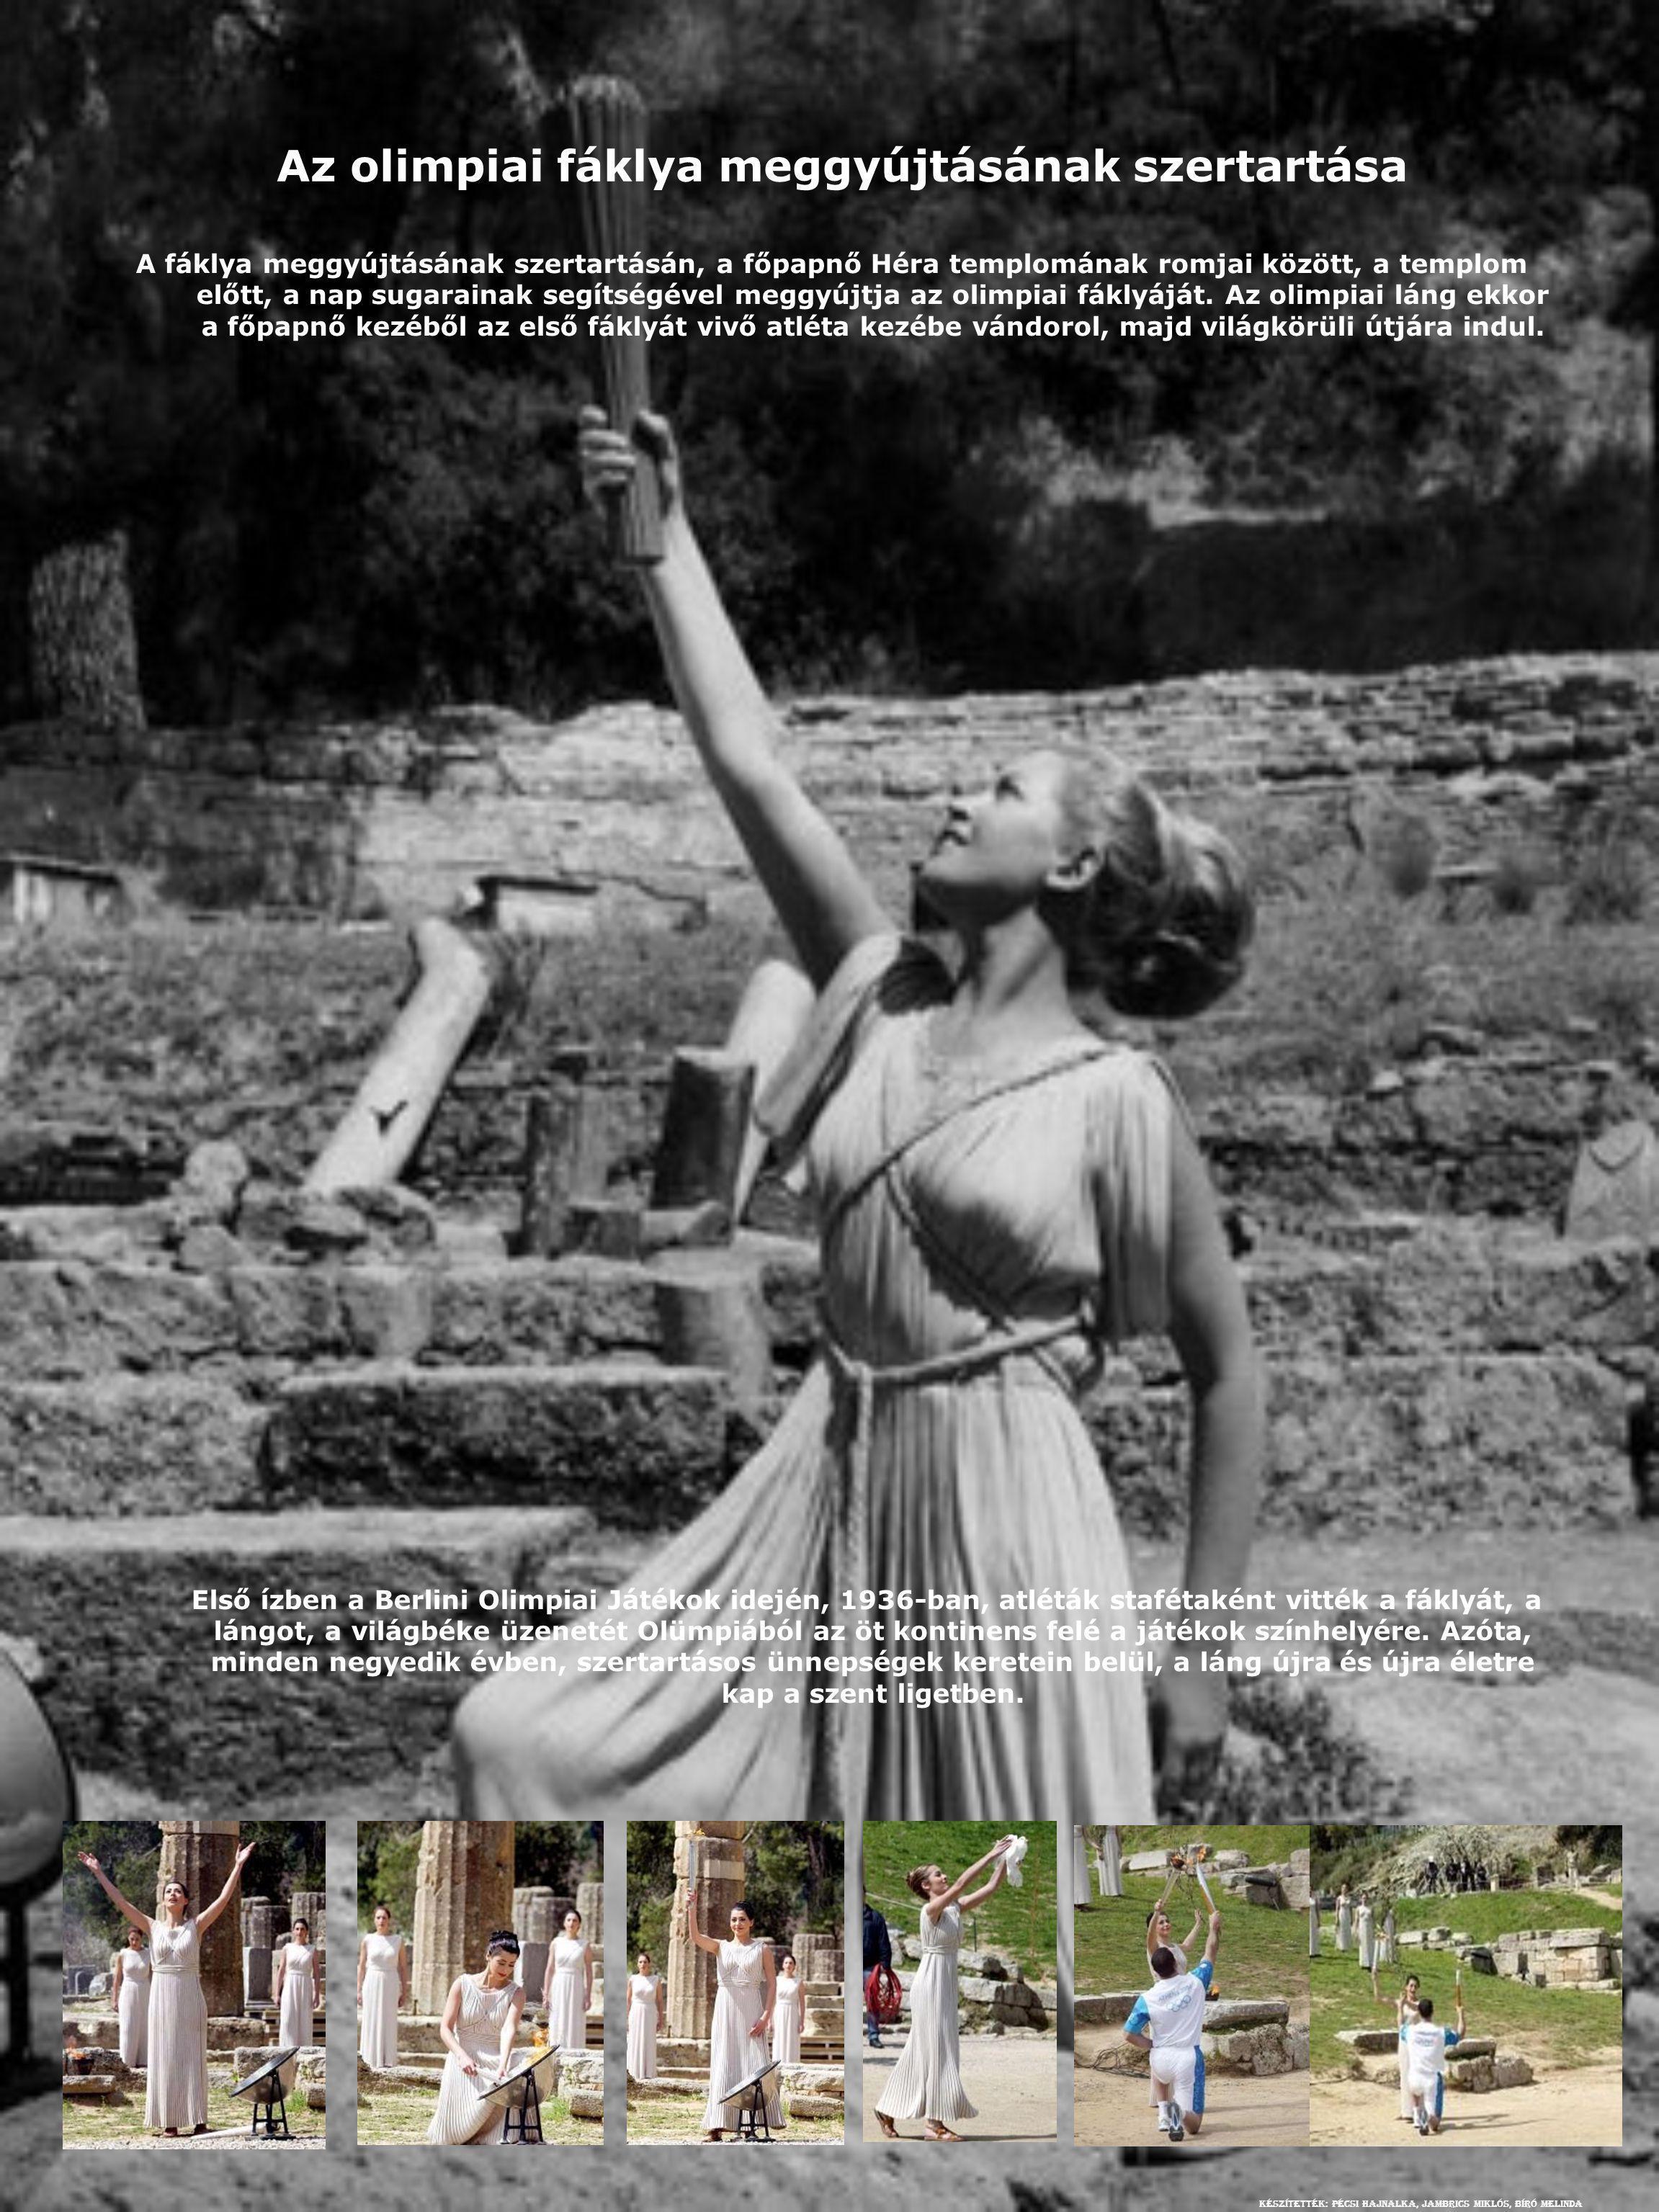 Az olimpiai fáklya meggyújtásának szertartása A fáklya meggyújtásának szertartásán, a főpapnő Héra templomának romjai között, a templom előtt, a nap sugarainak segítségével meggyújtja az olimpiai fáklyáját.